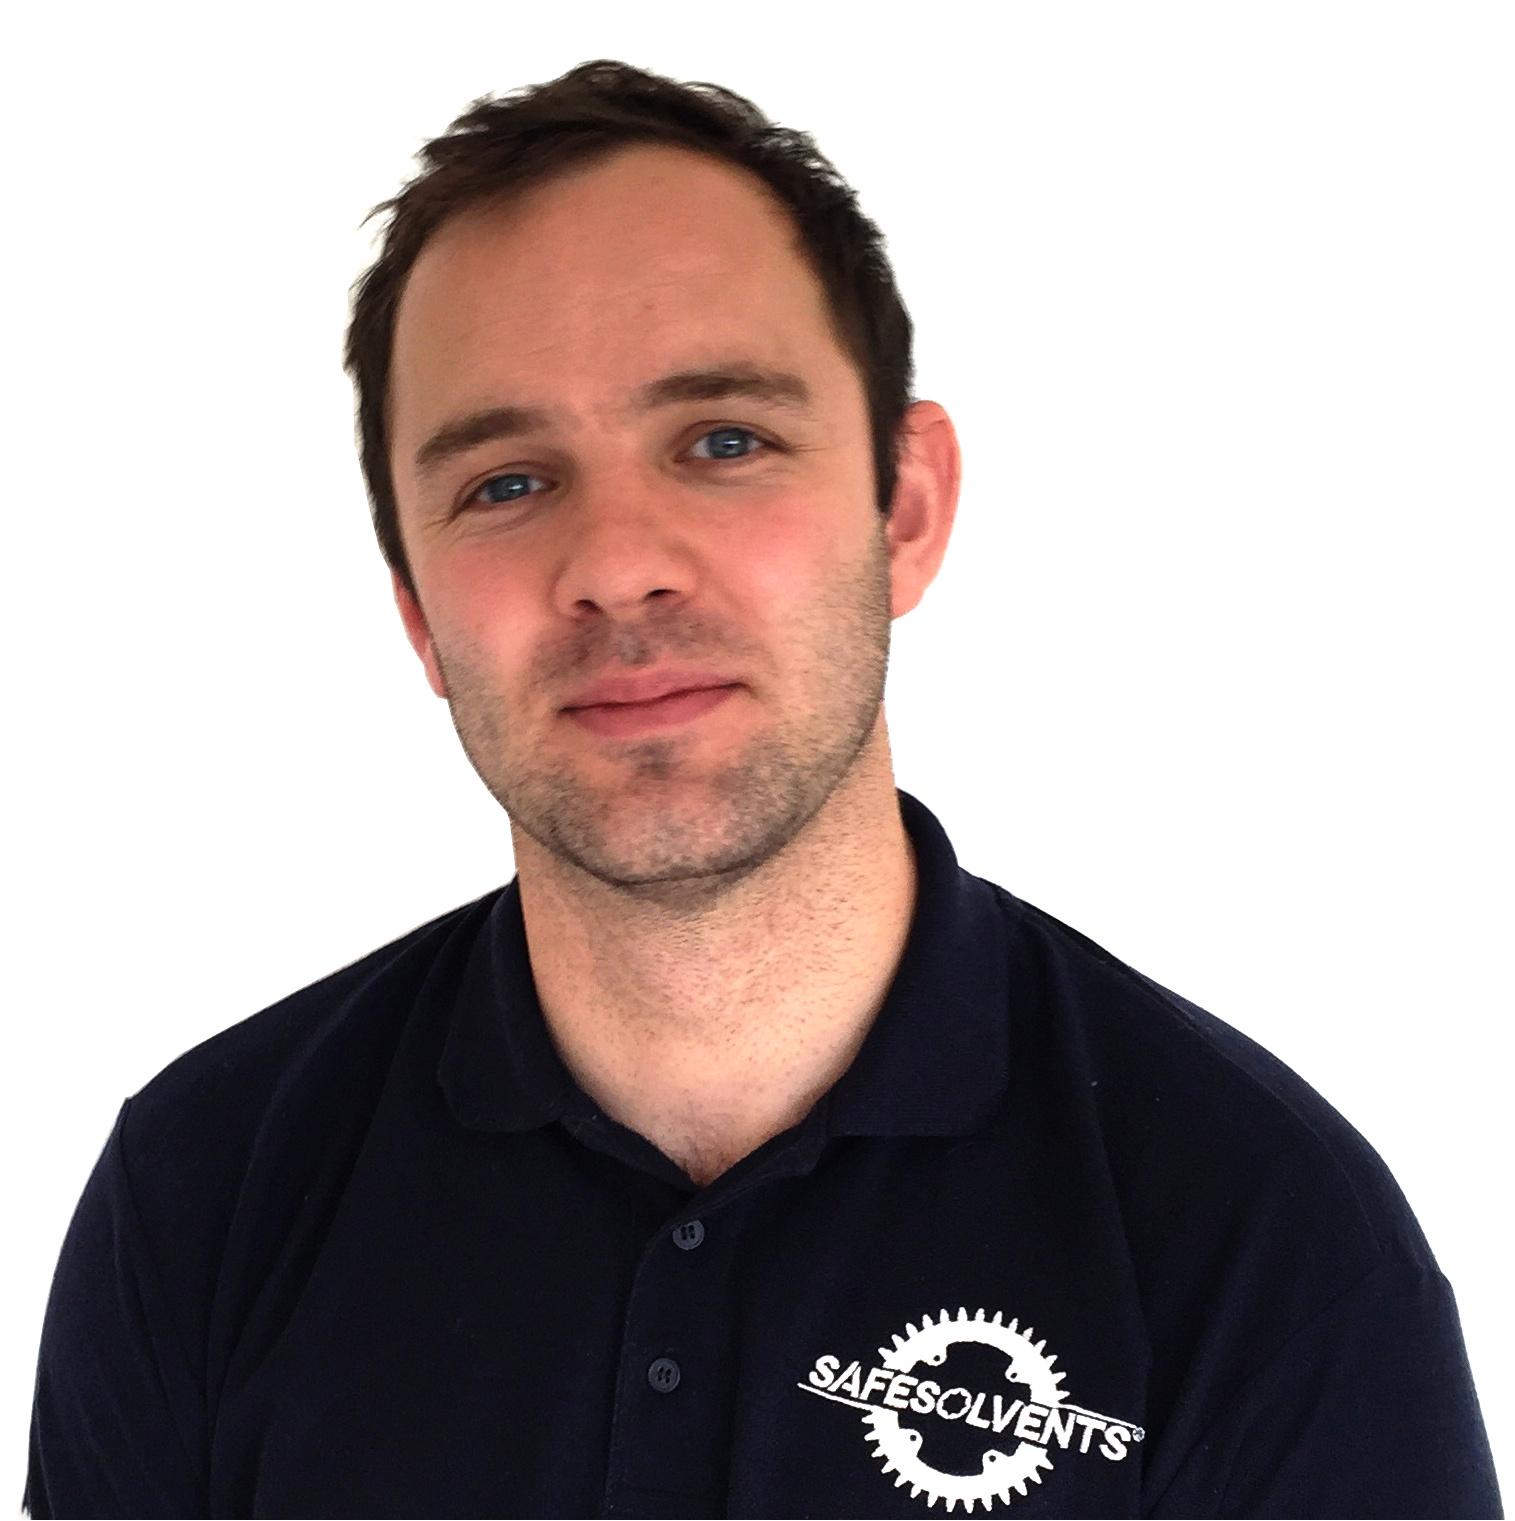 Tom Sands, Founder & CTO, Safe Solvents (SSEL)